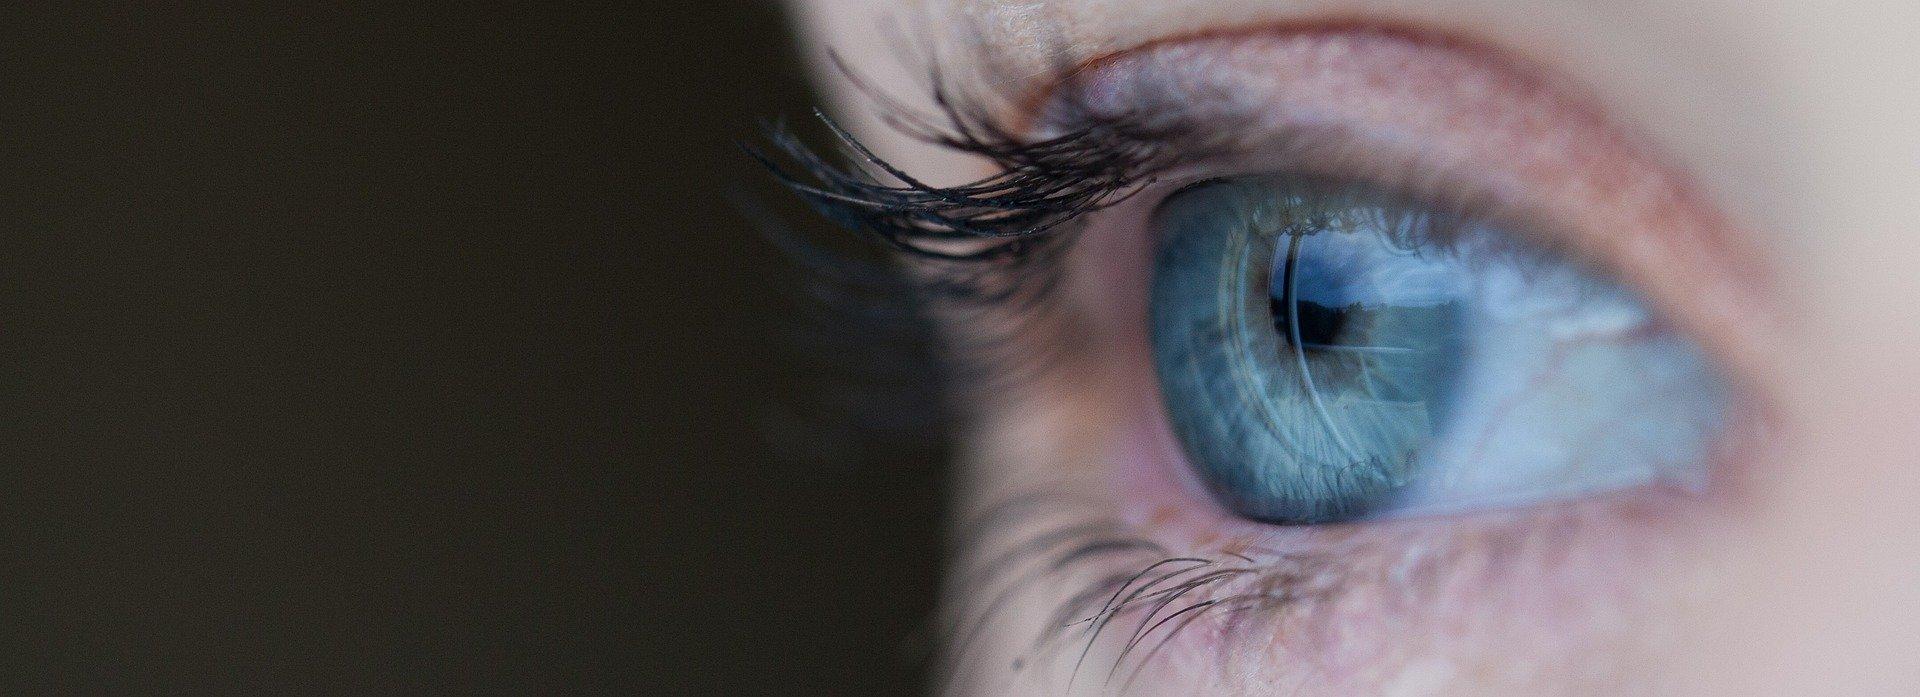 Pantallas retina en Jupyter